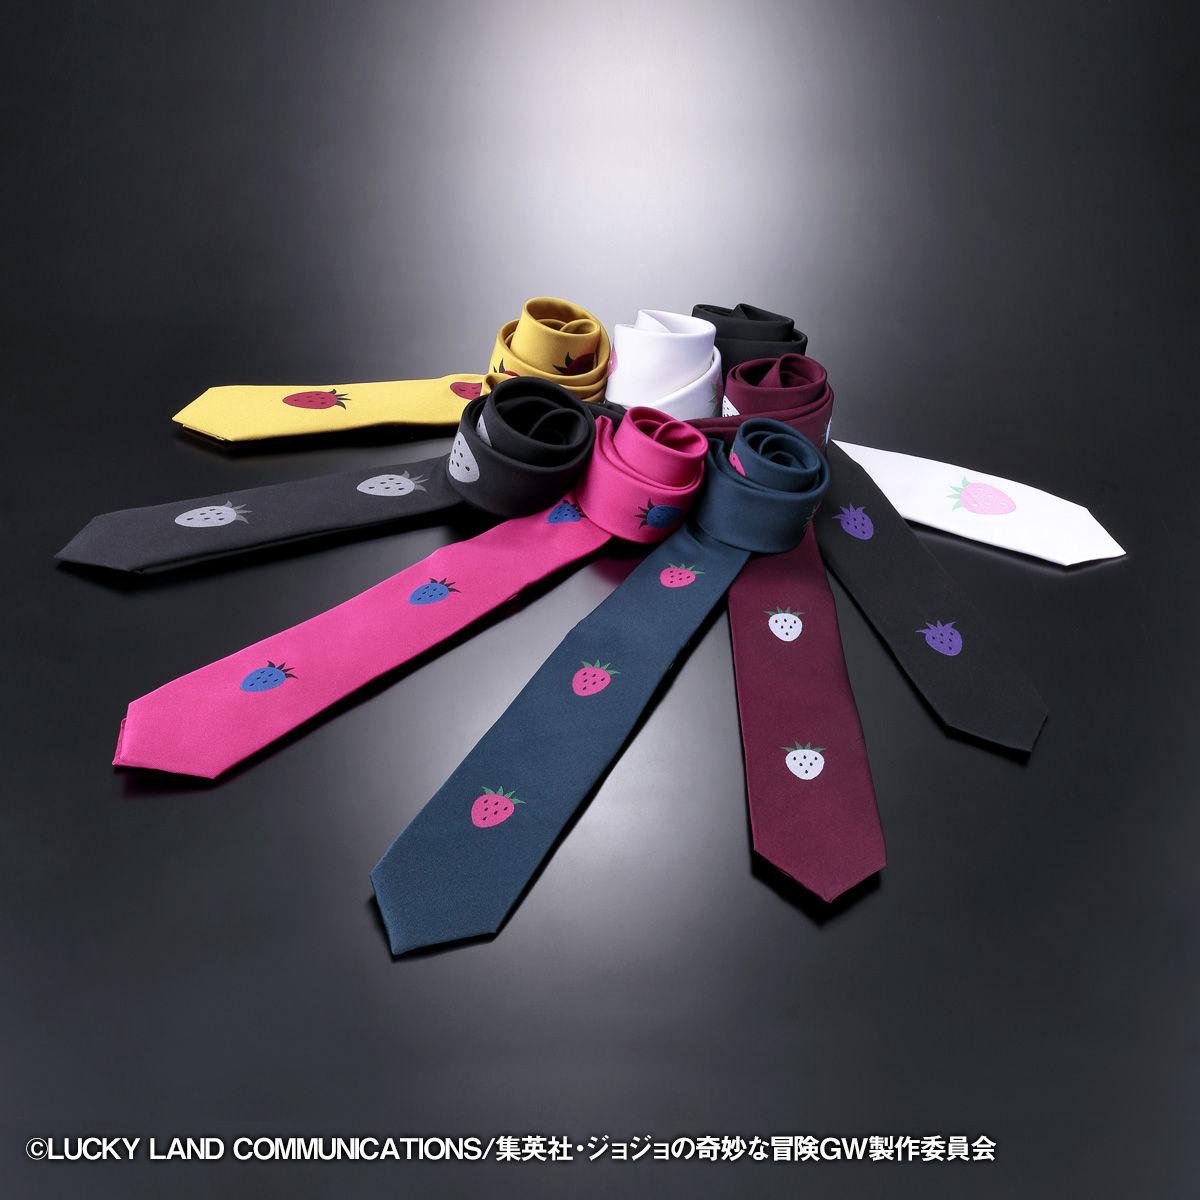 JoJo's Bizarre Adventure Fugo's tie